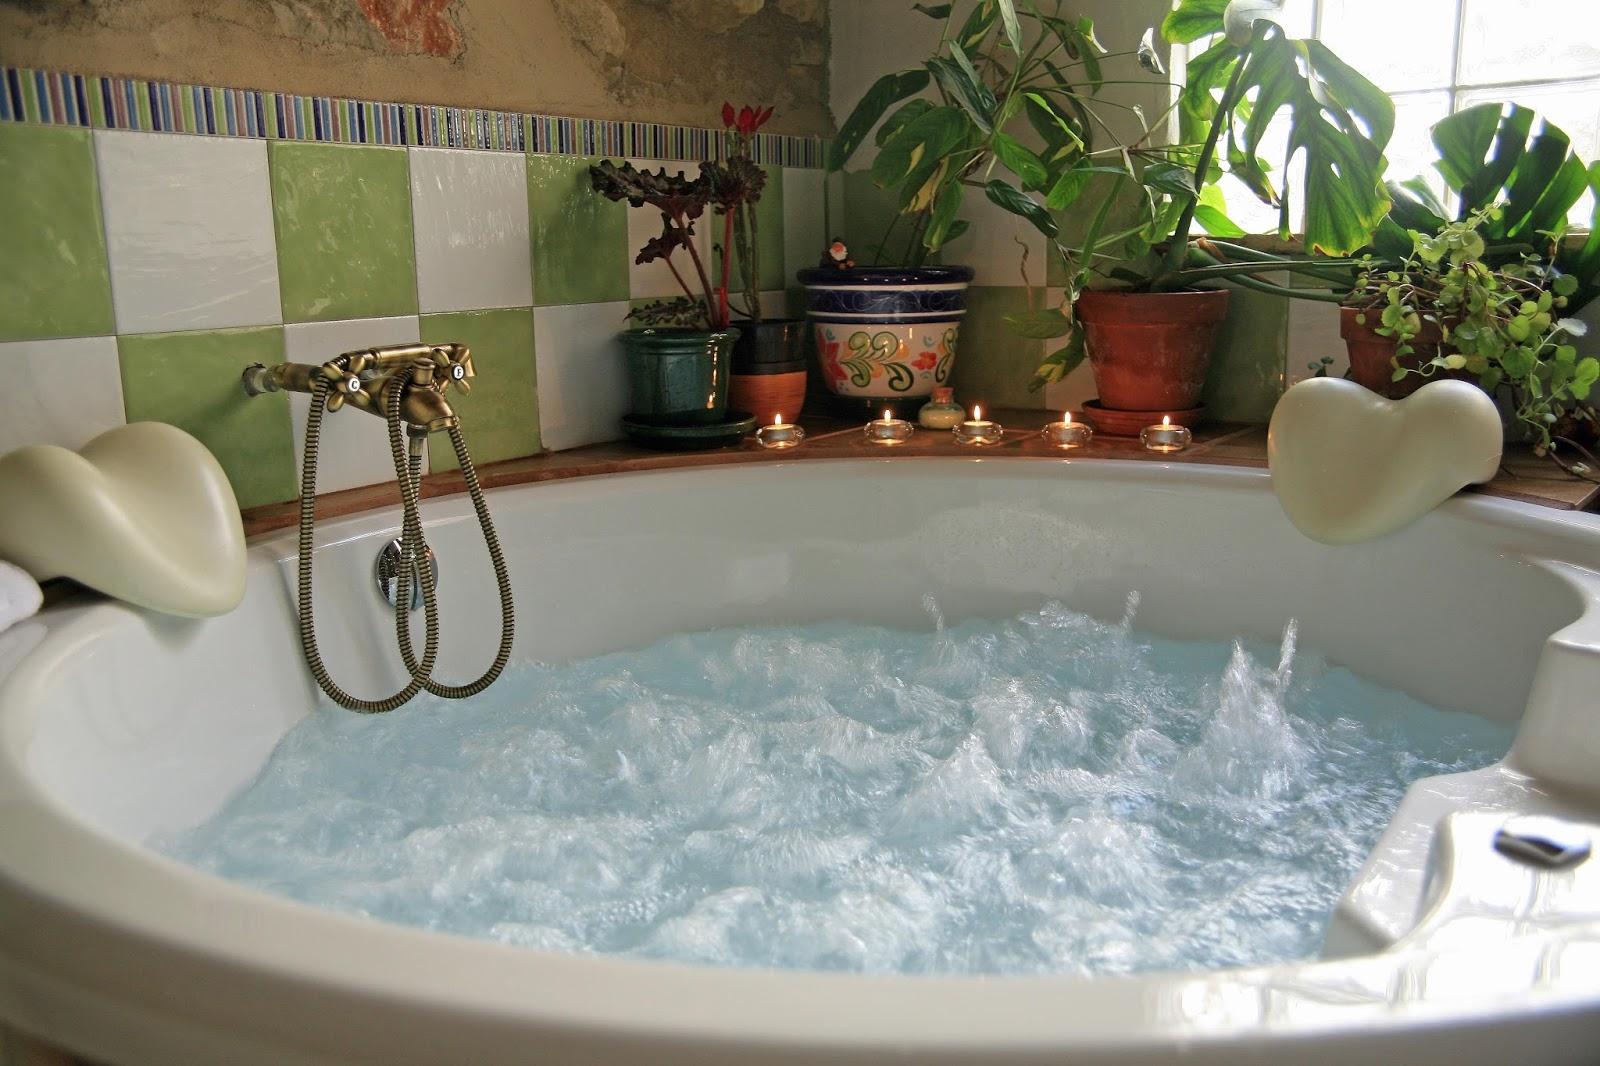 Art rustic turismo rural 3 y 4 estrellas www - Preparar noche romantica en casa ...